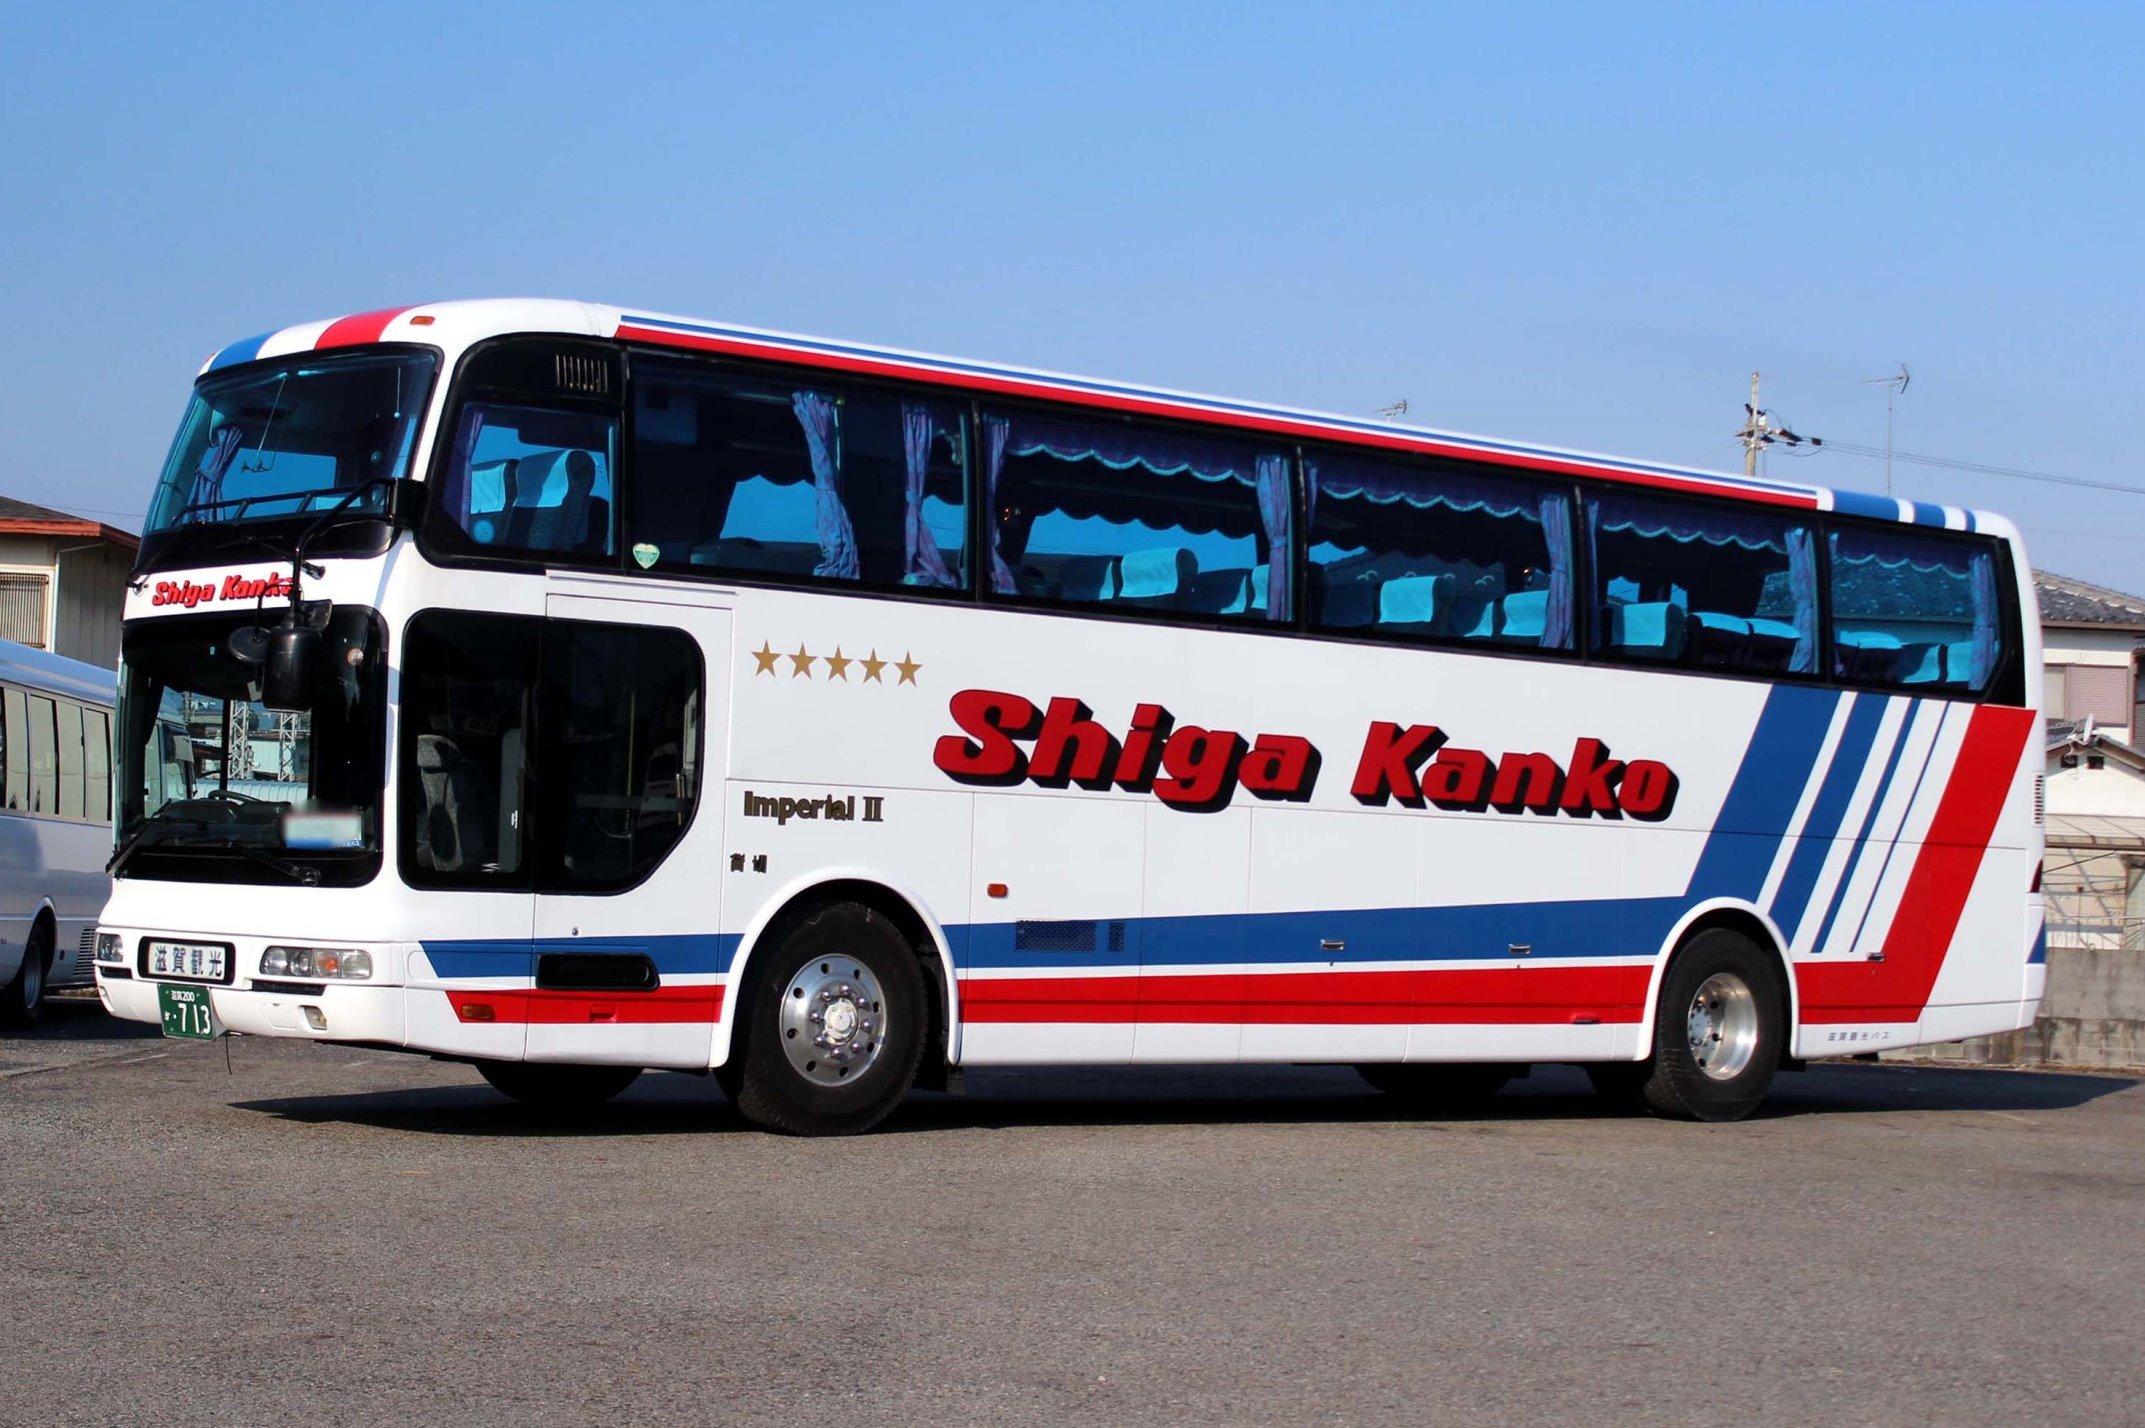 滋賀観光バス か713